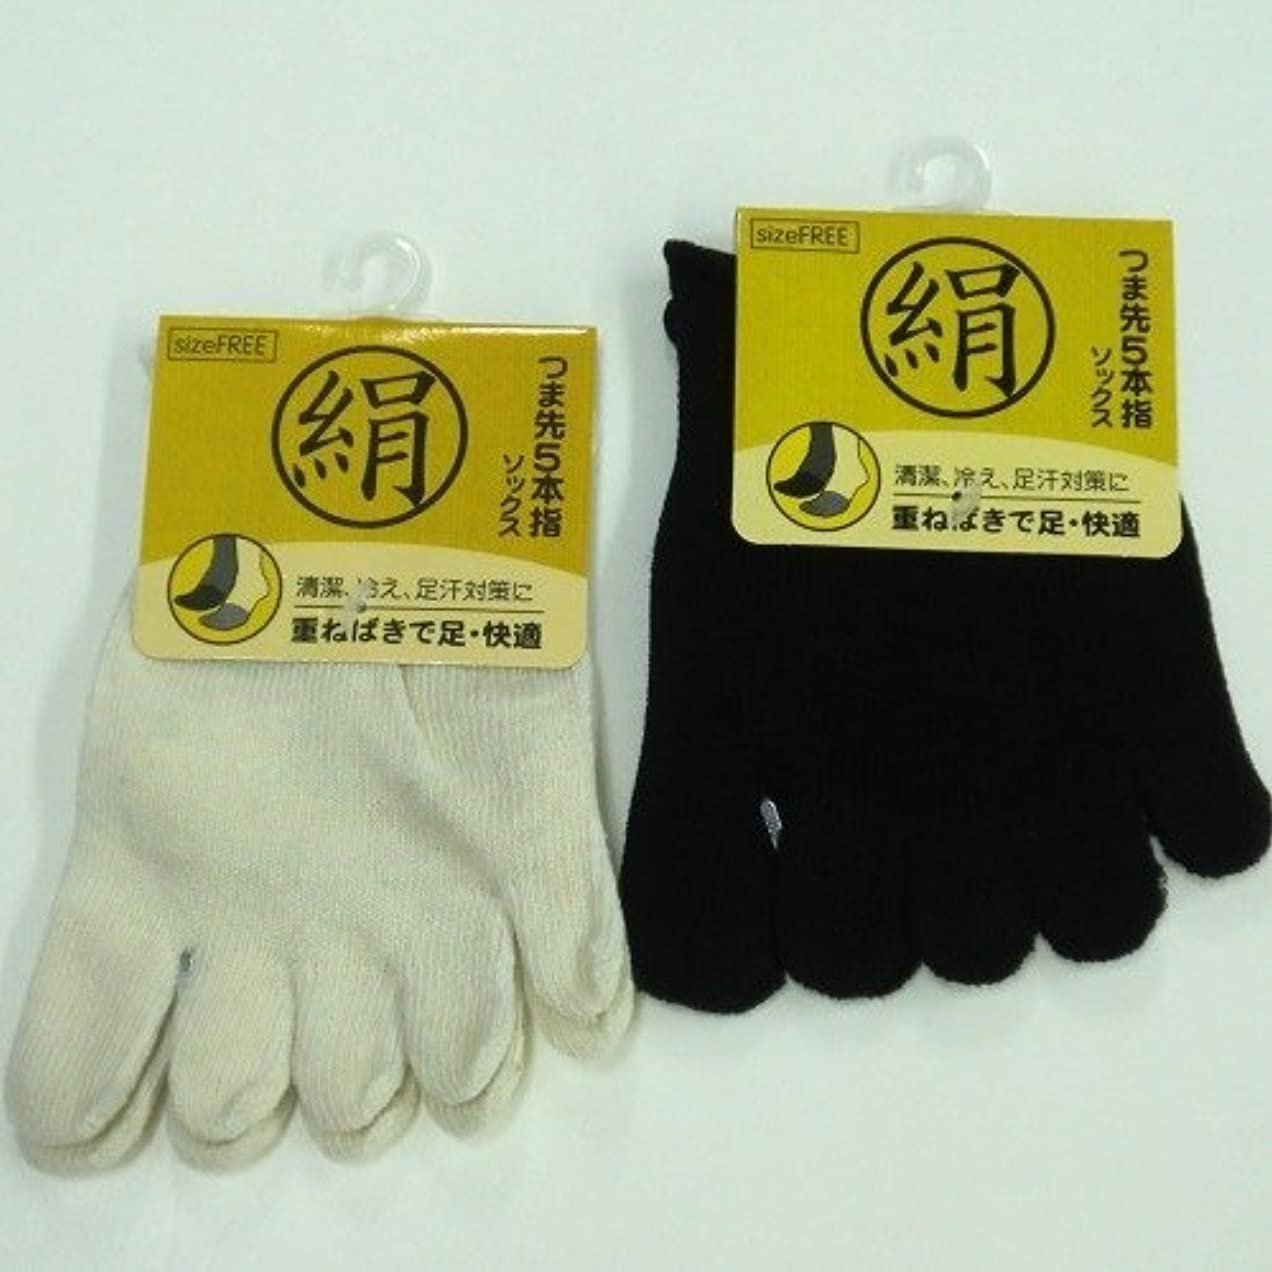 前任者出席アクセサリーシルク 5本指ハーフソックス 足指カバー 天然素材絹で抗菌防臭 4足組